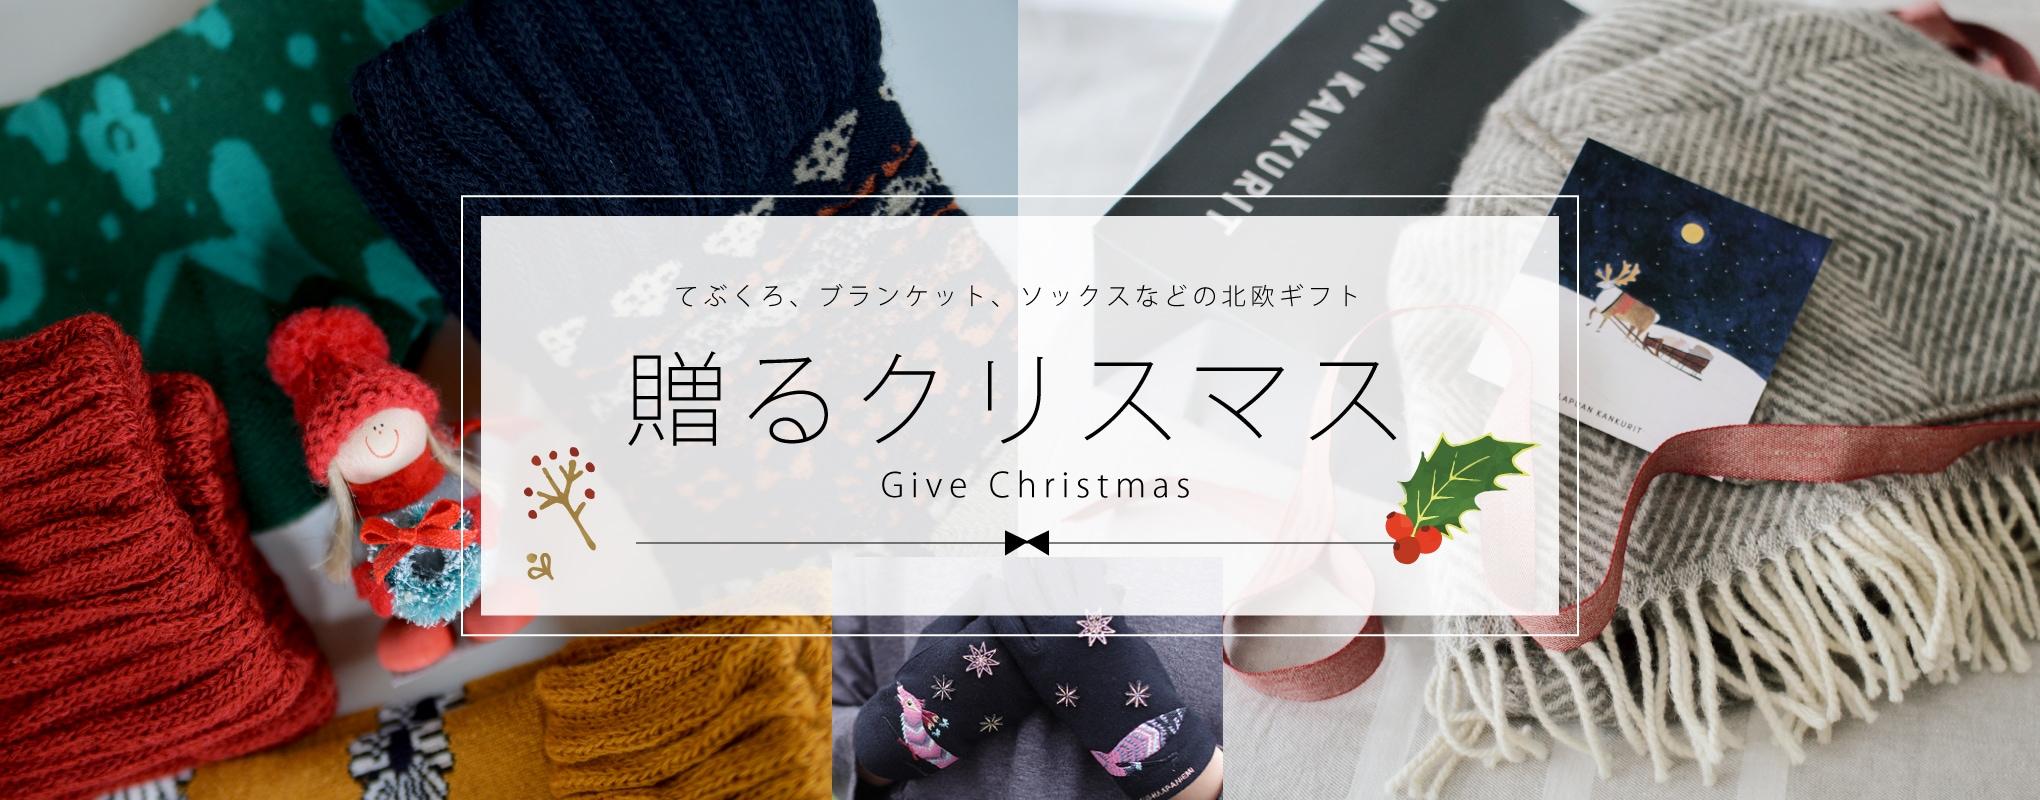 贈るクリスマス